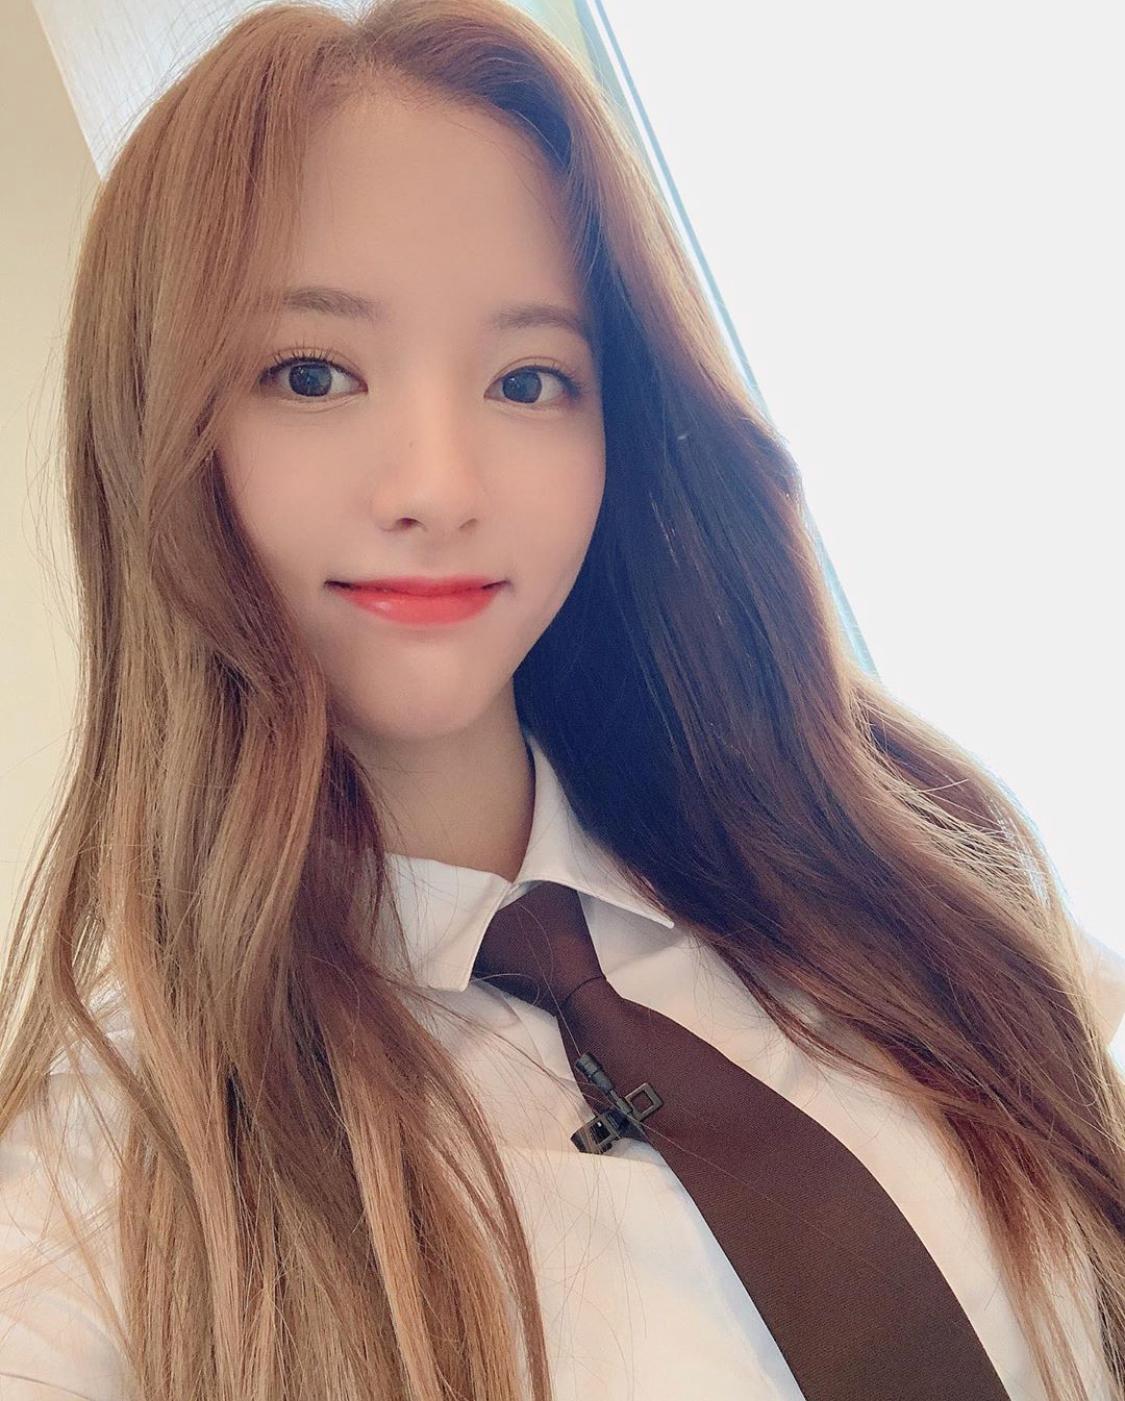 우주소녀 보나, '걸크러쉬' 뽐내는 '수트 패션' 장인! 압도적 수치 1위